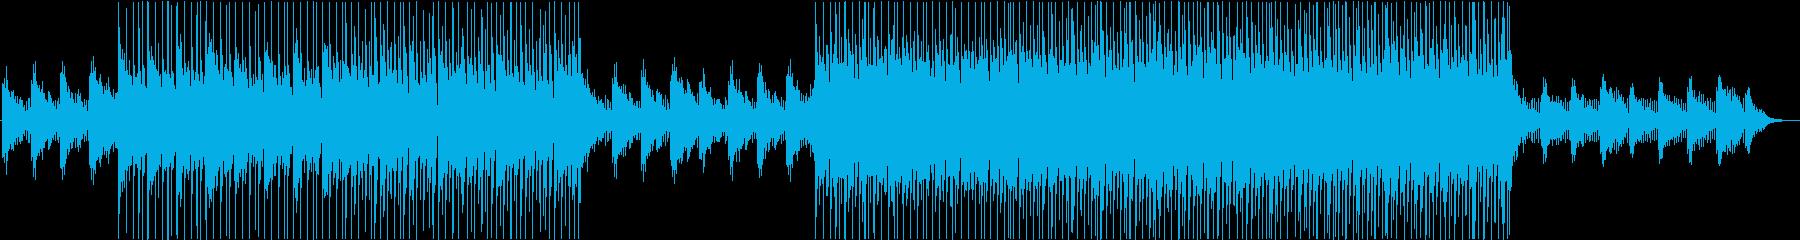 明るくポジティブ!可愛いアコギとピアノの再生済みの波形